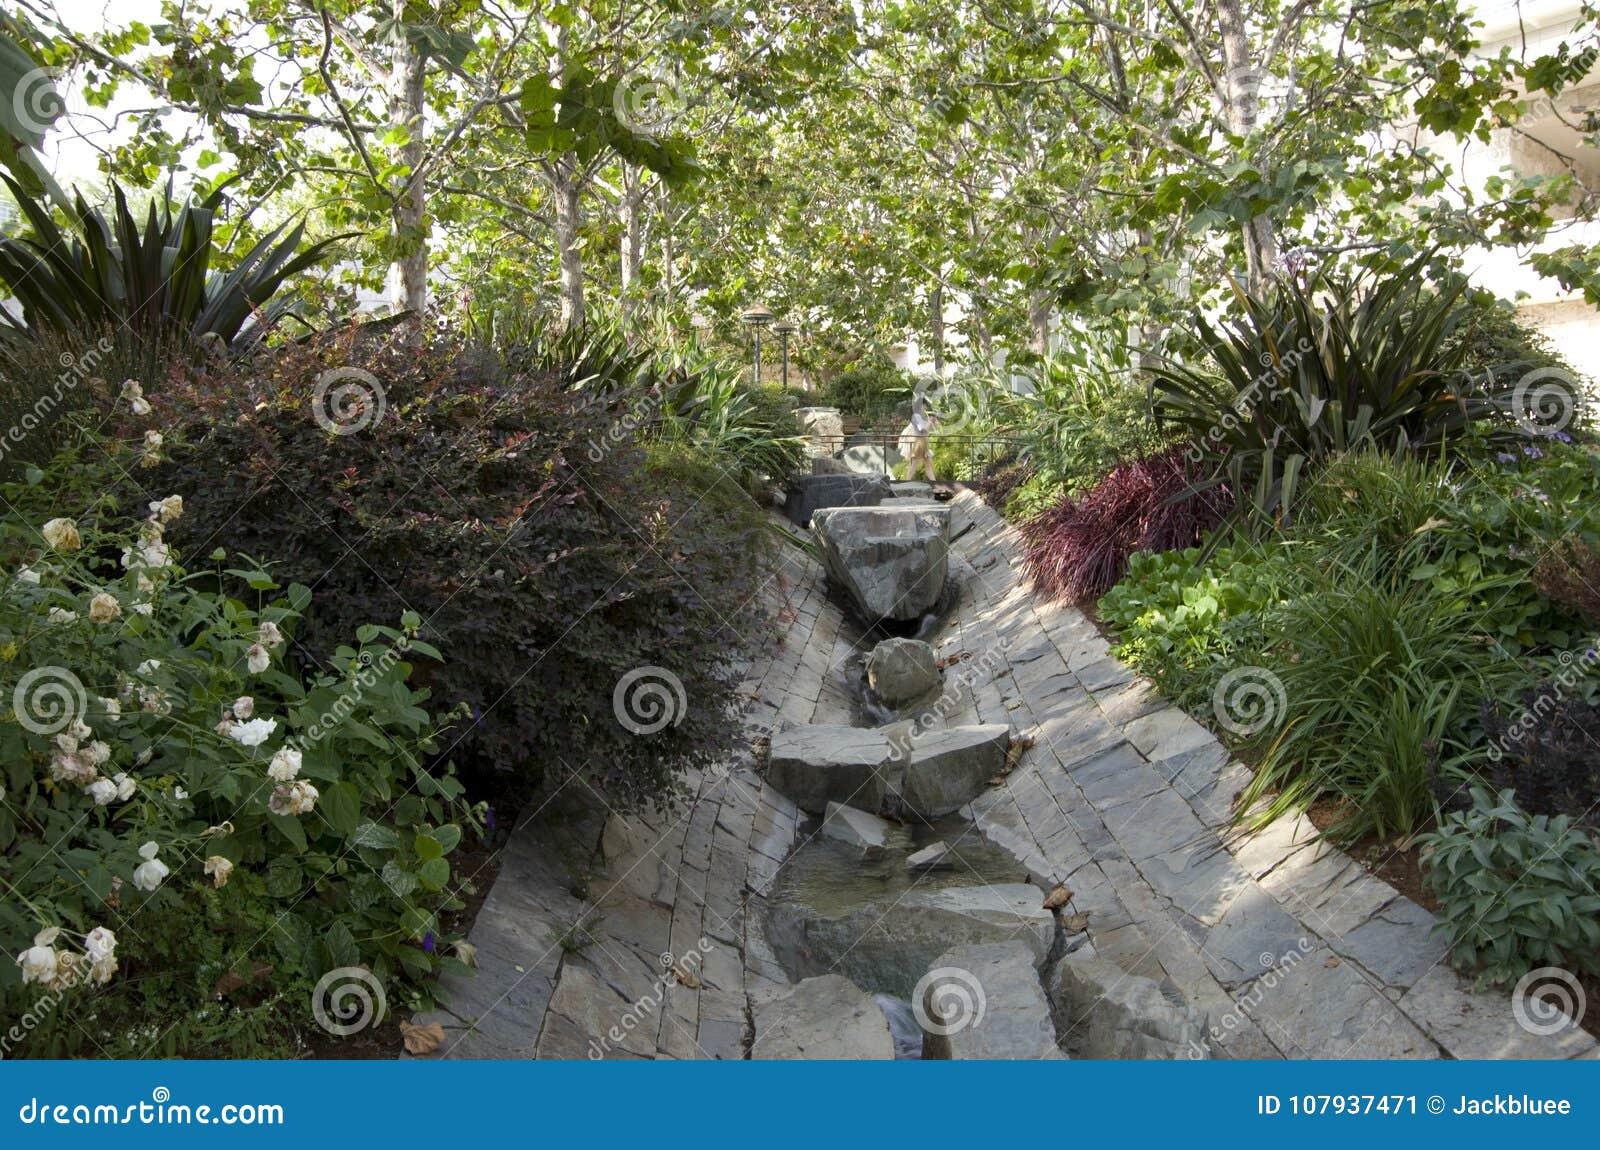 best courant moderne de jardin with statue de jardin moderne. Black Bedroom Furniture Sets. Home Design Ideas